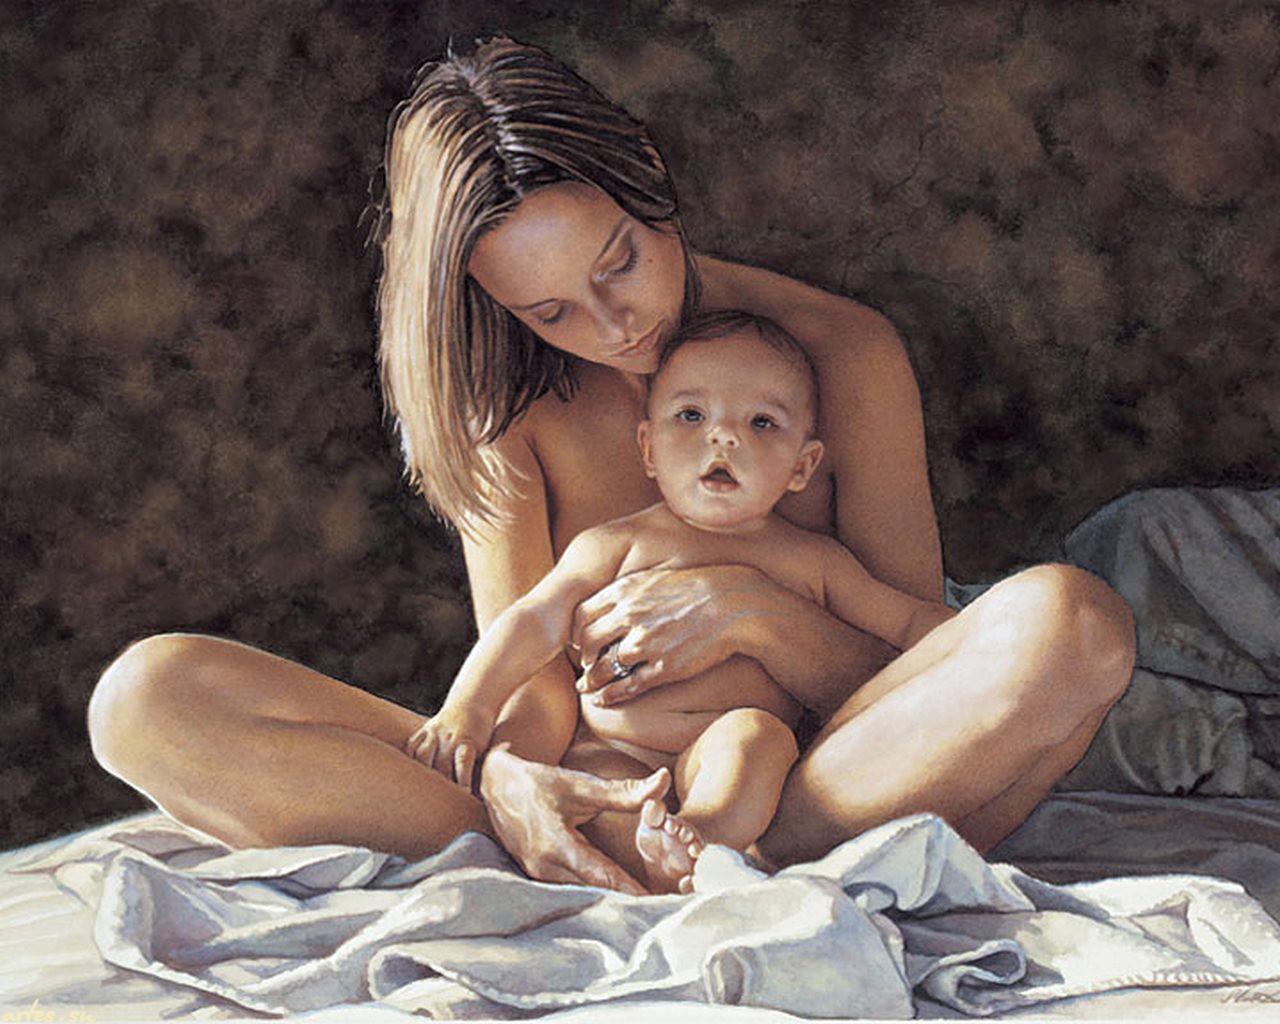 Фото итальянских мамочек 16 фотография